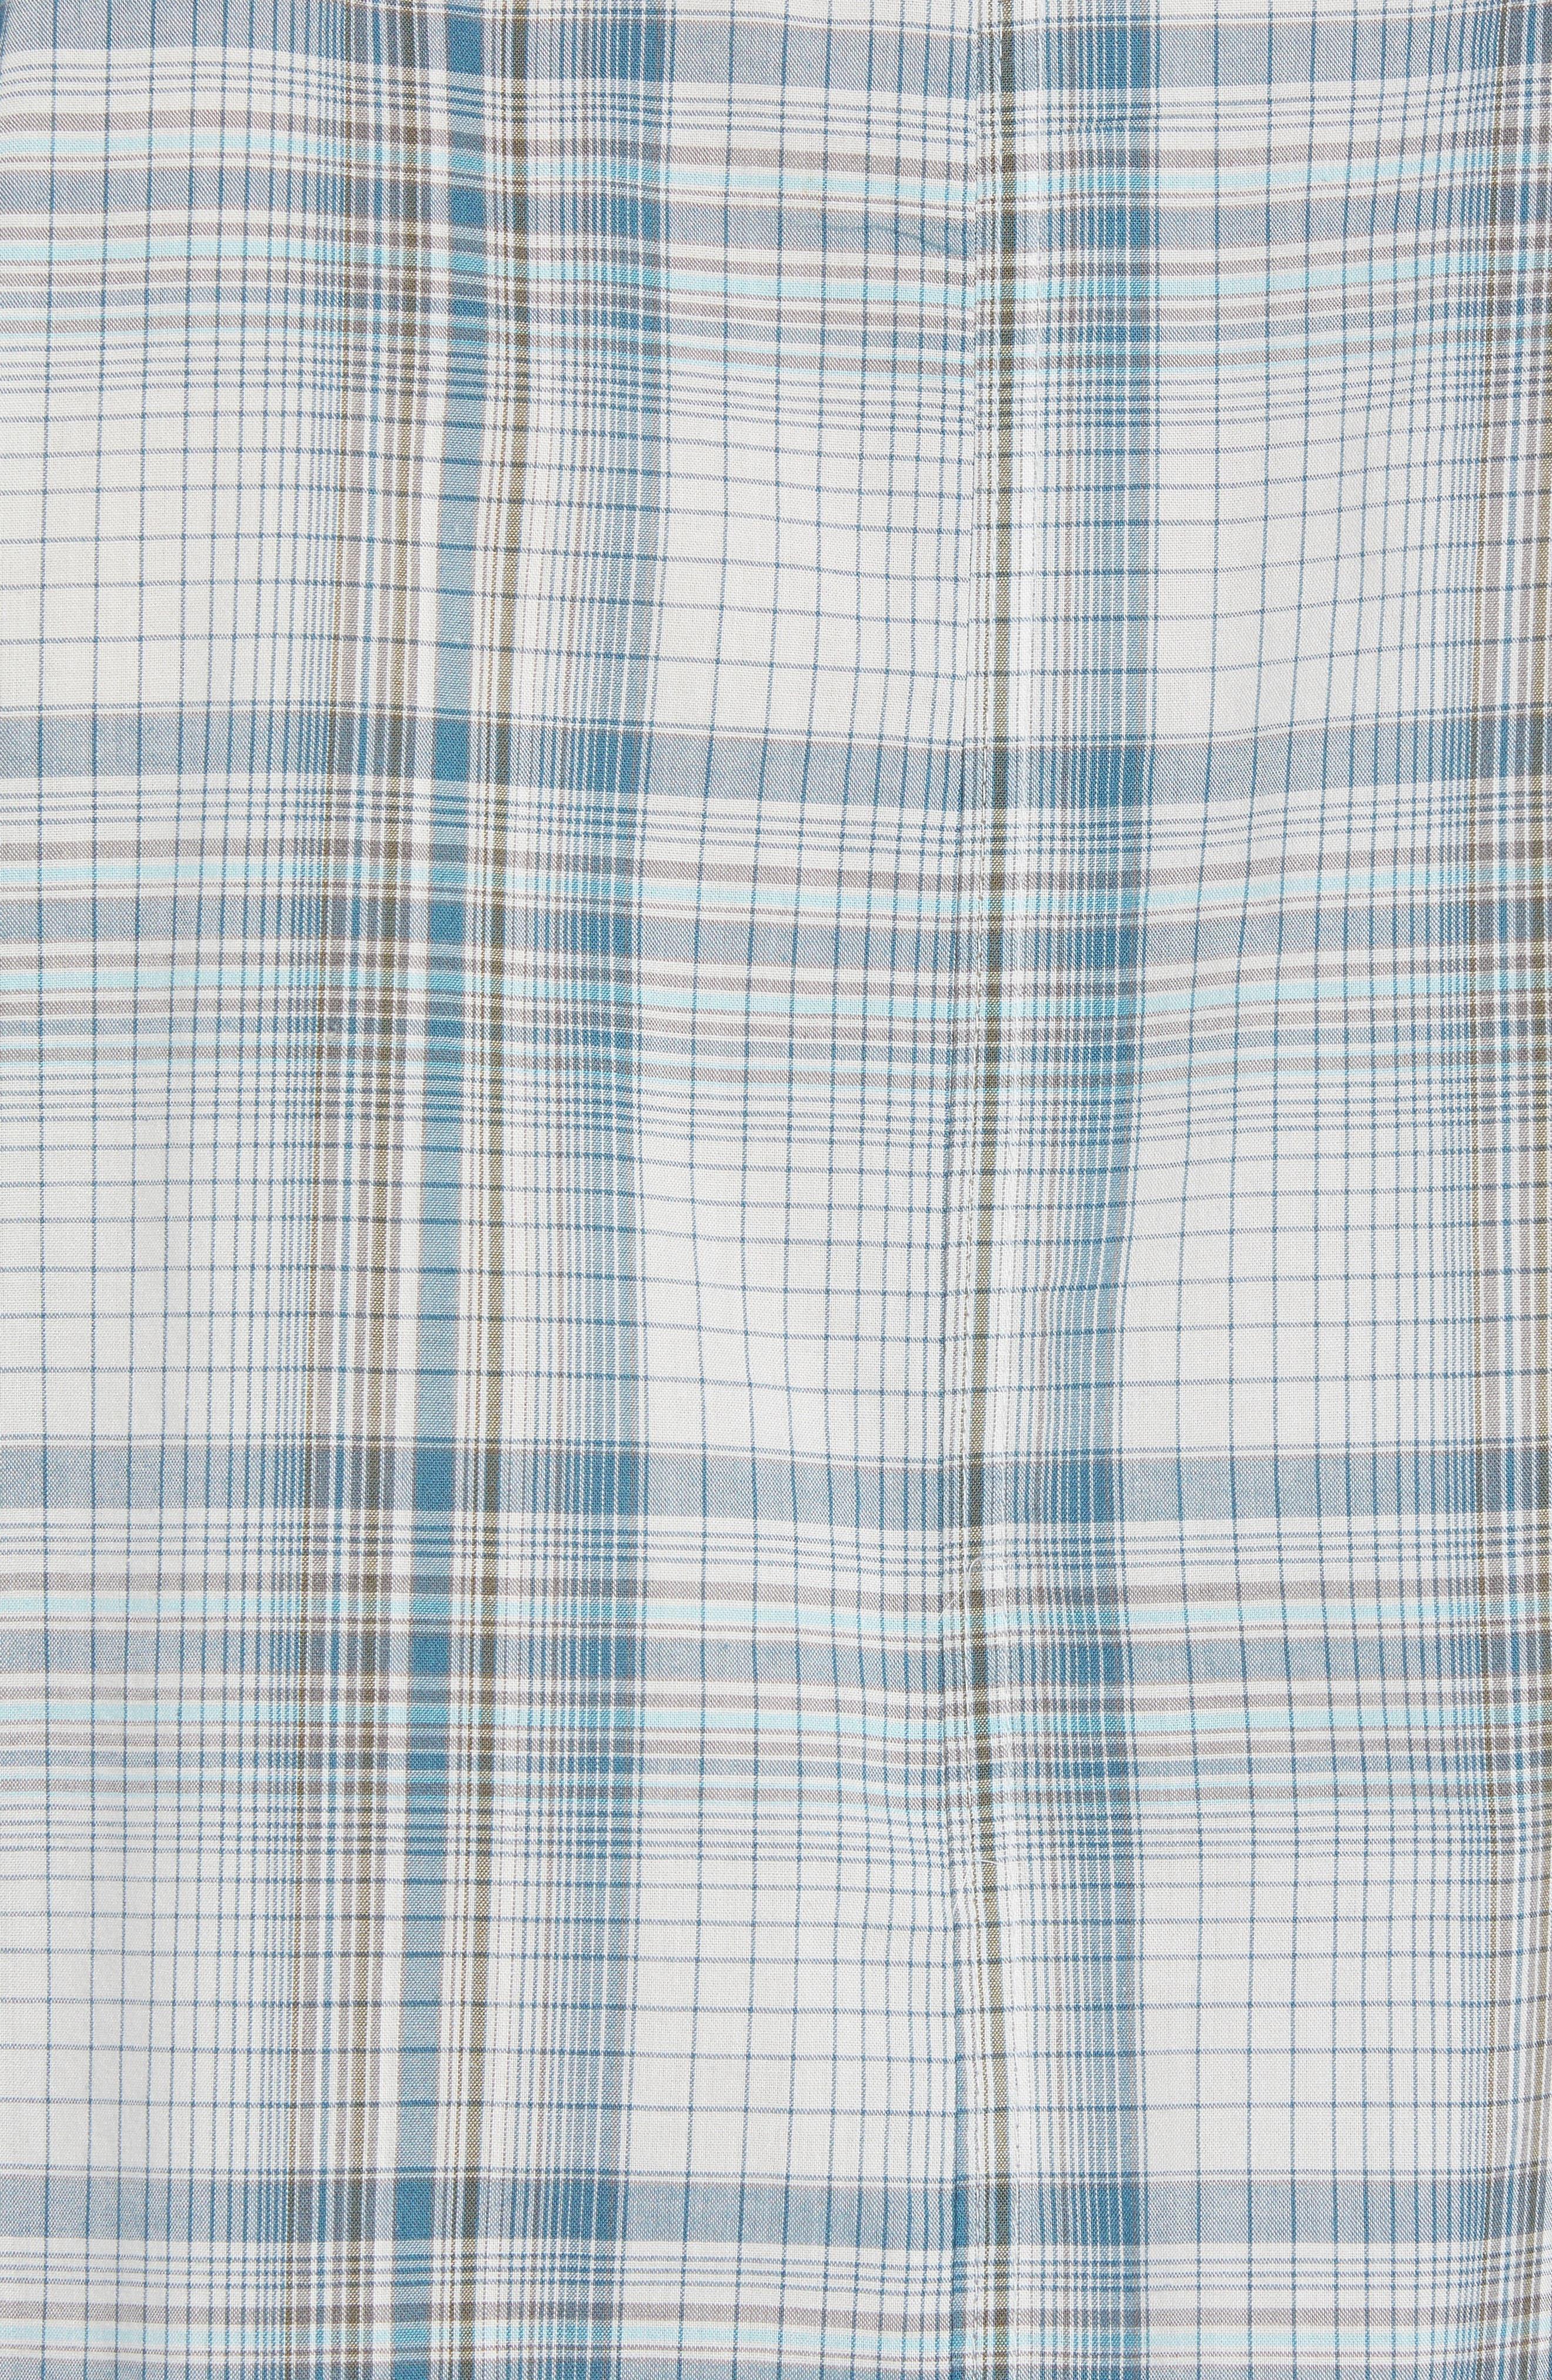 Sturghill Woven Shirt,                             Alternate thumbnail 5, color,                             036